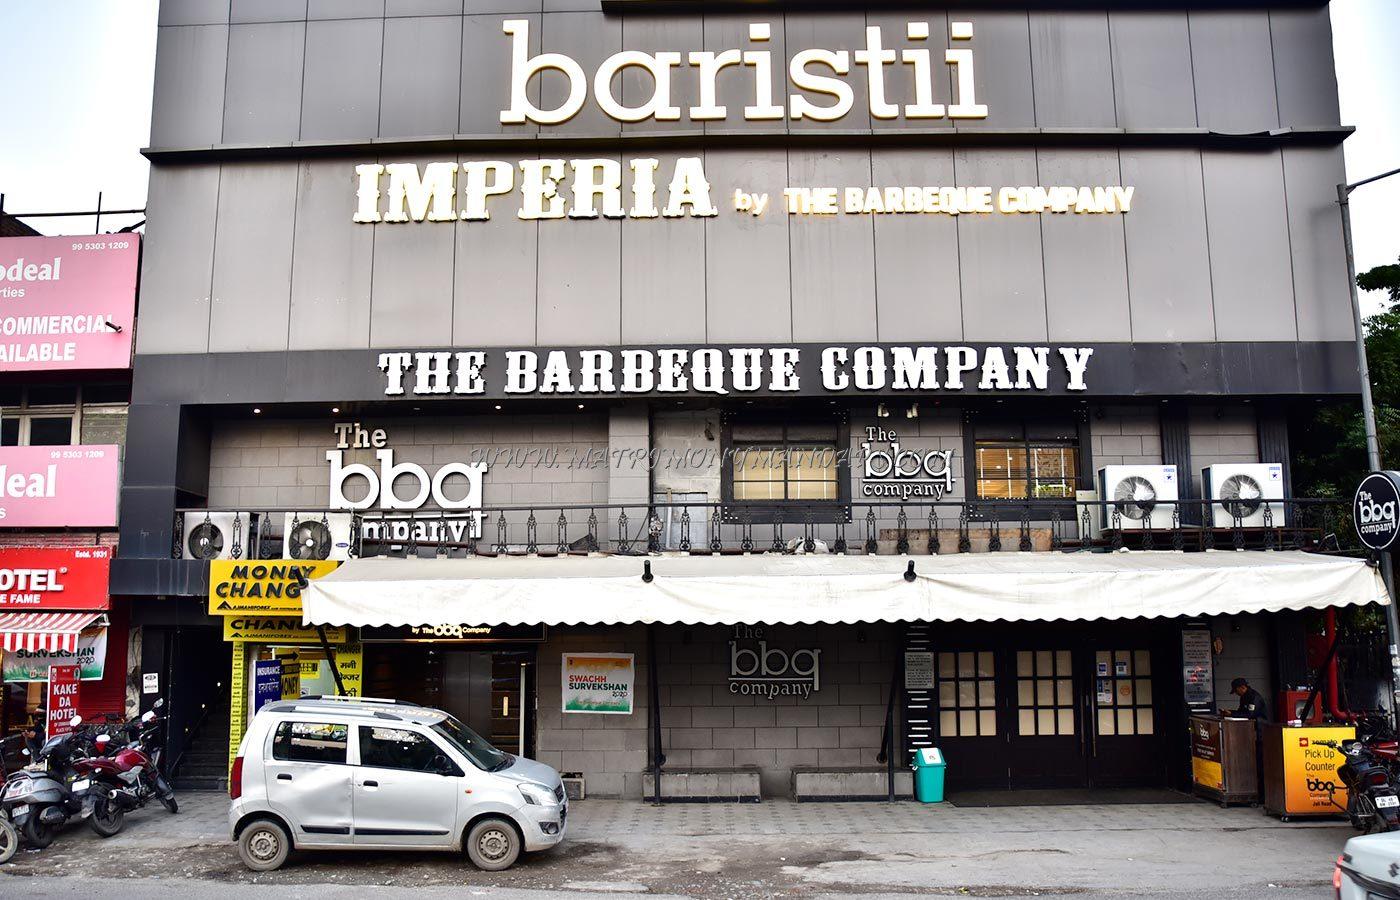 Find More Banquet Halls in Janakpuri